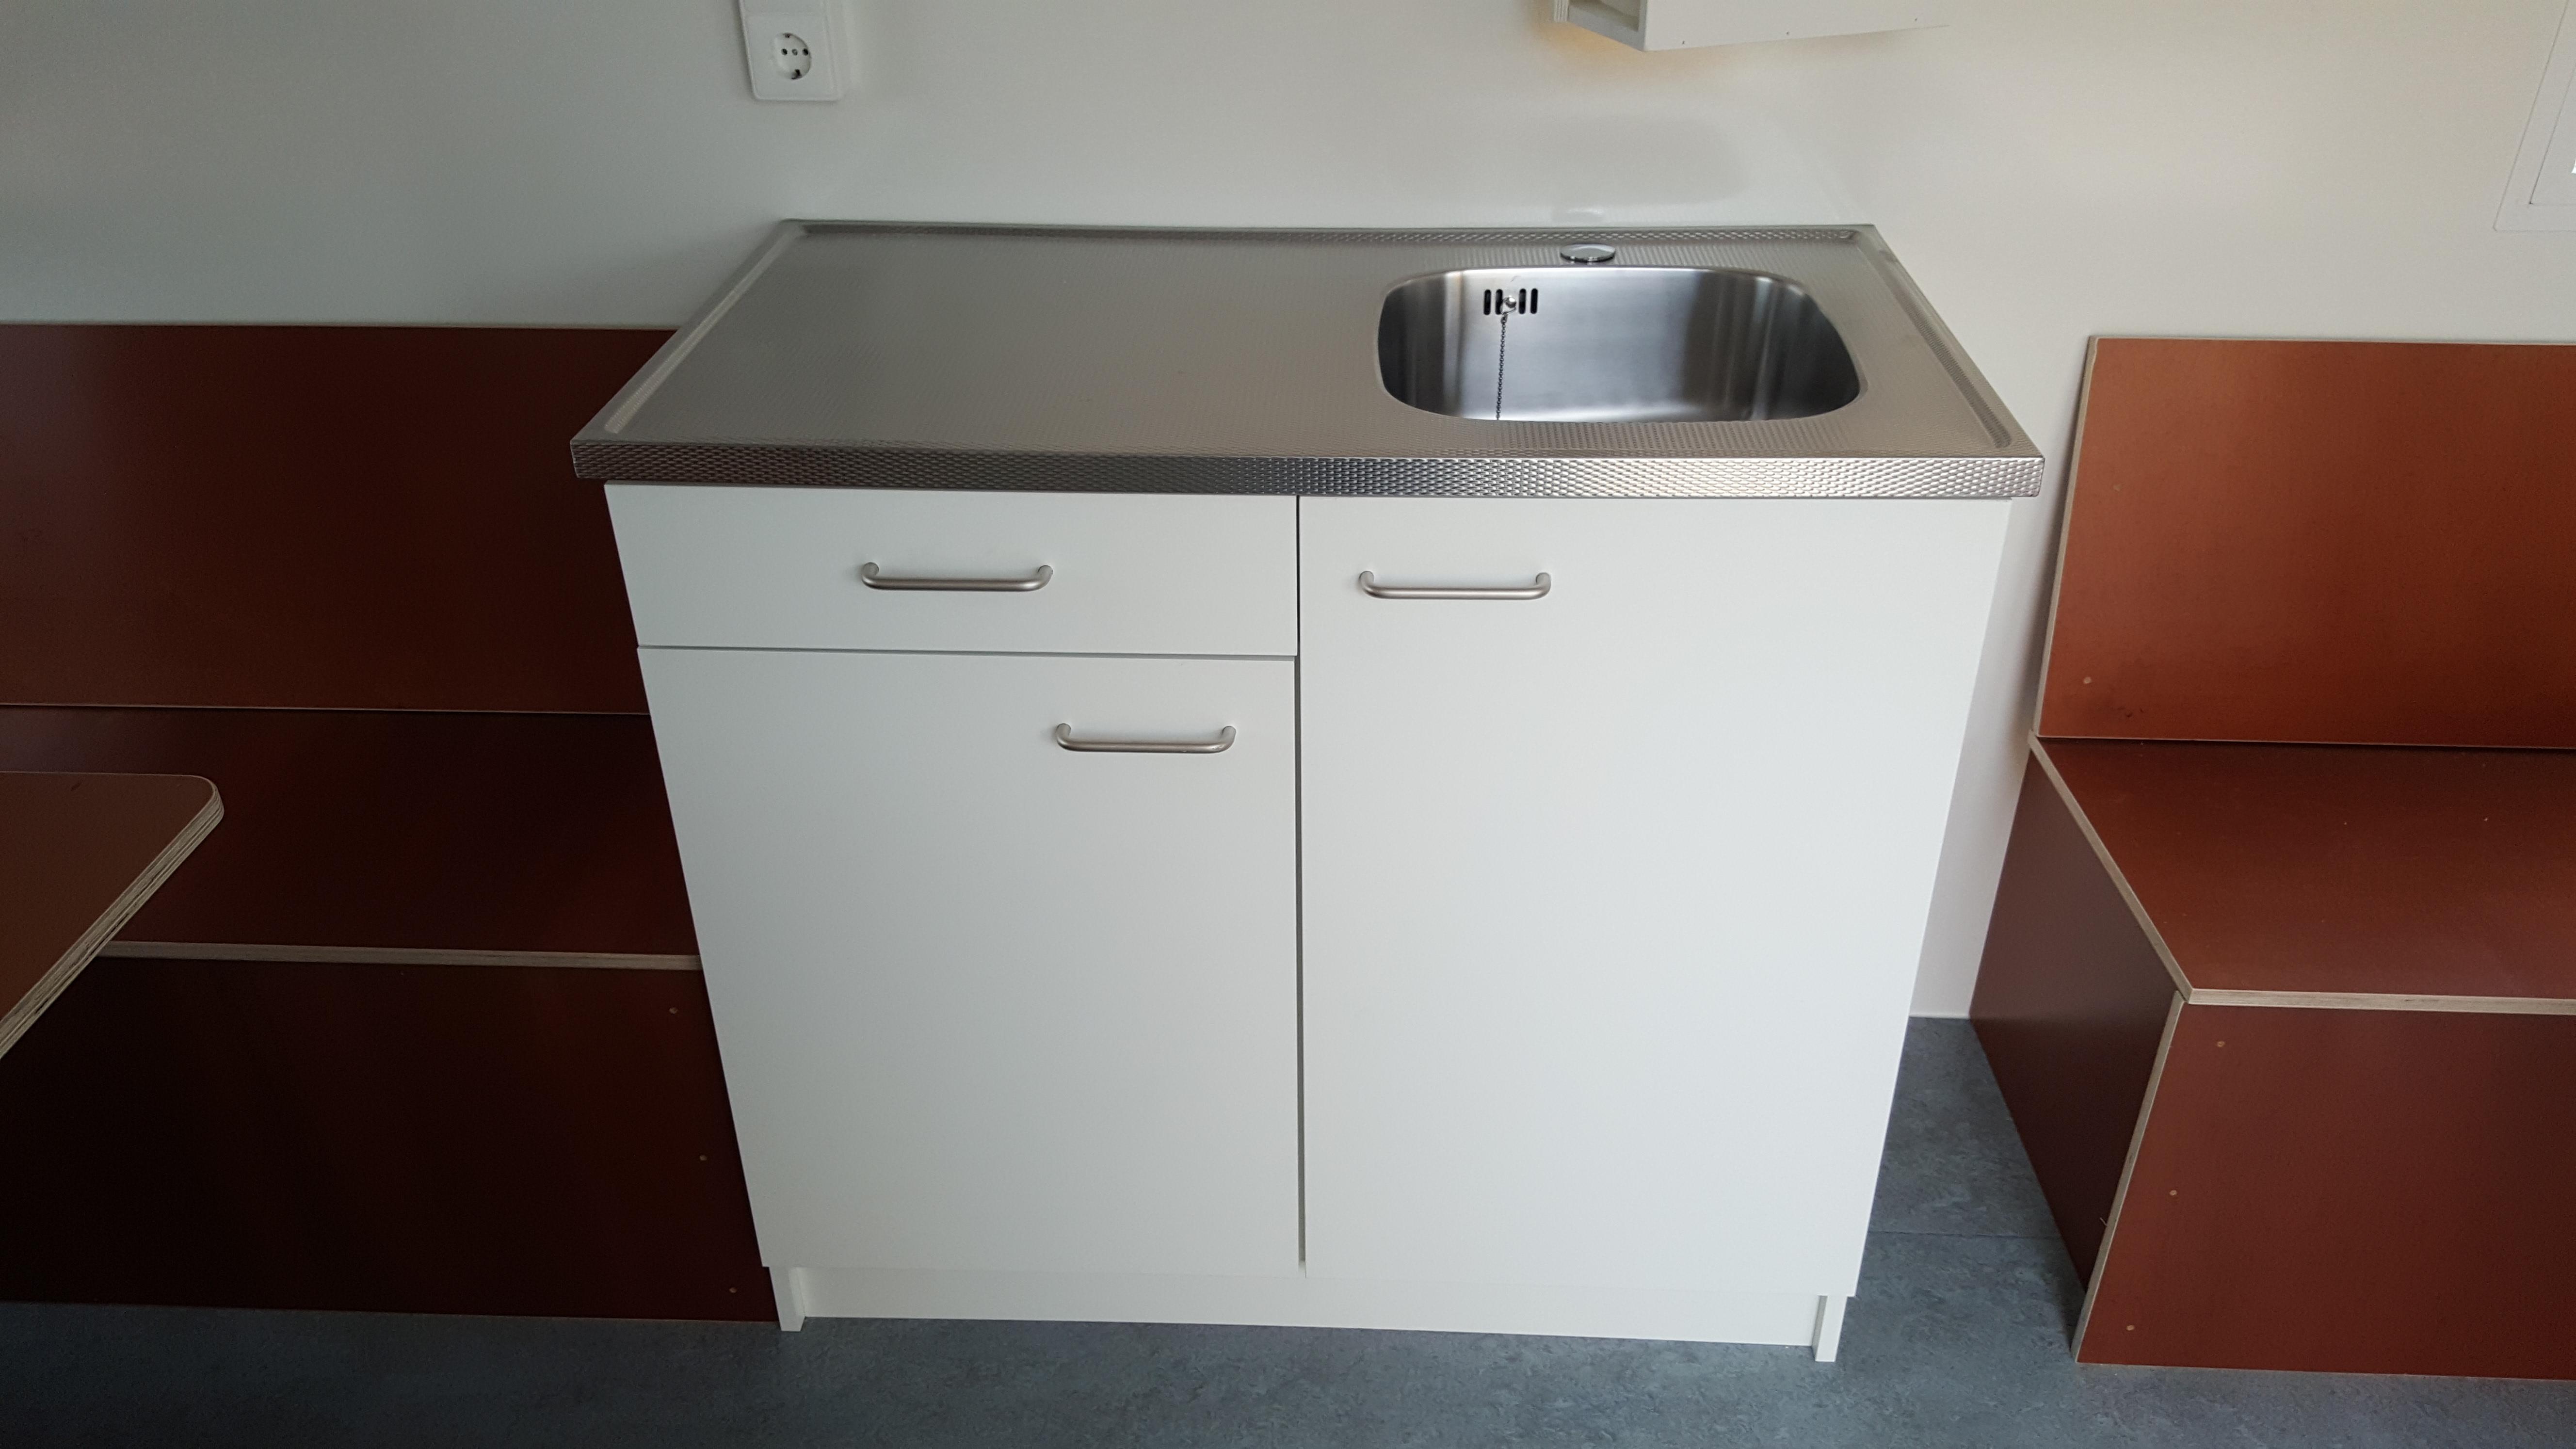 keukenblok1000x520mmladelinkssnippersopladenendeuren-3